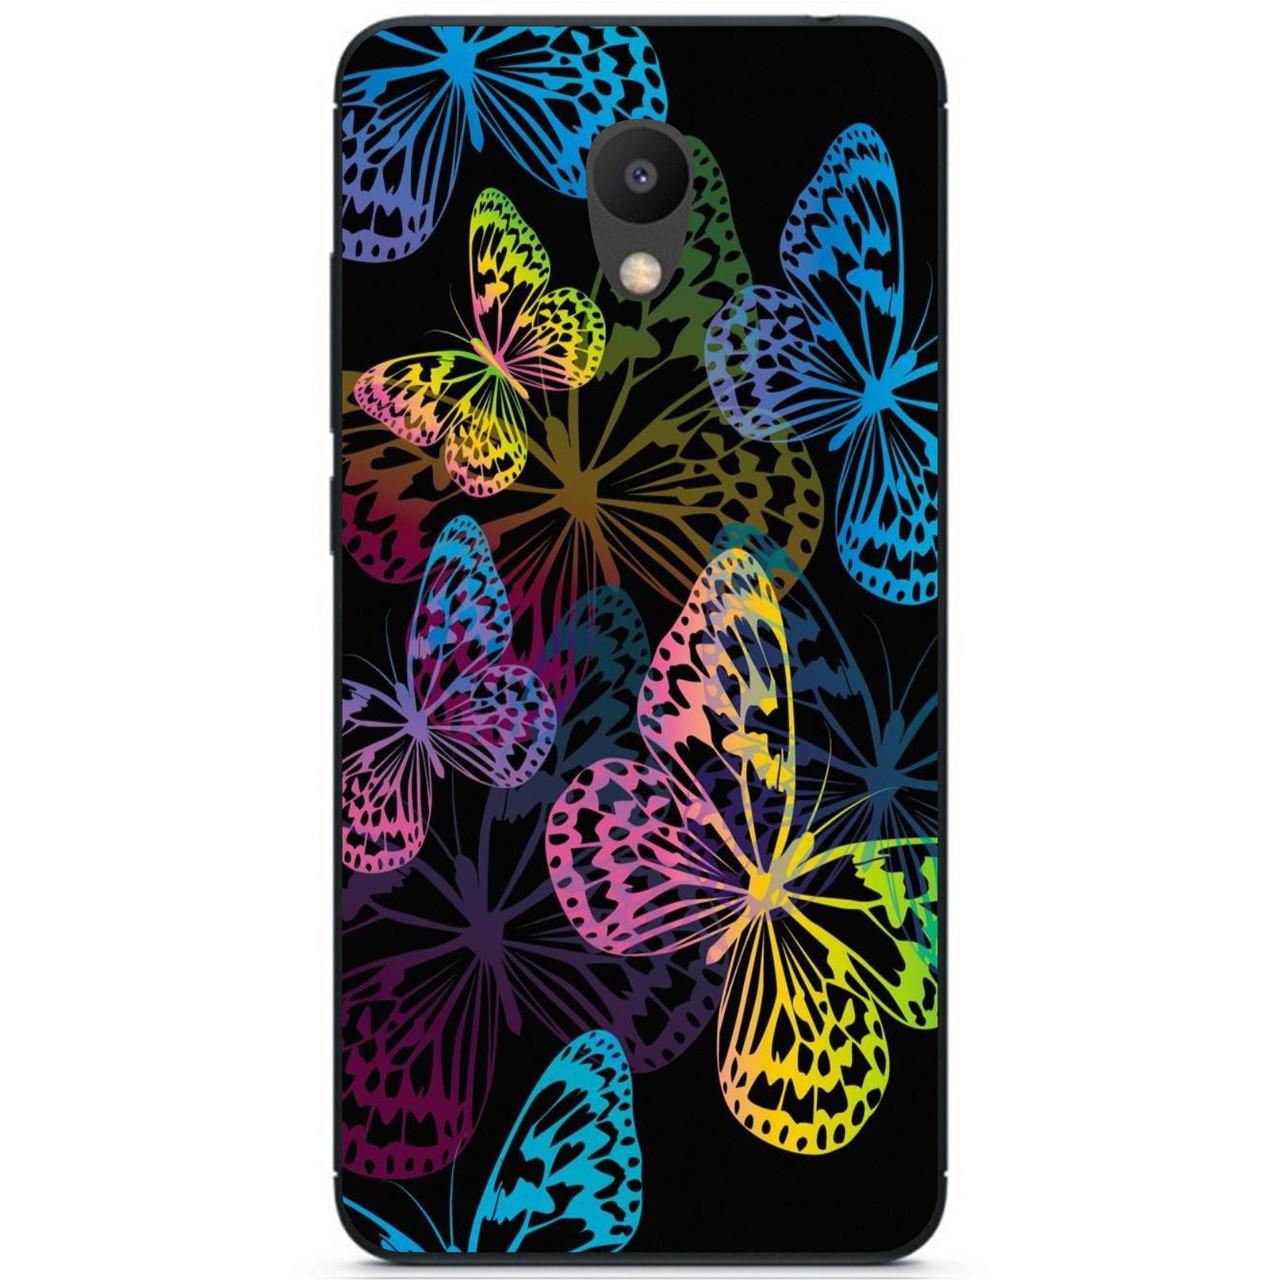 Силиконовый бампер чехол для Meizu M6 с рисунком Неоновые бабочки